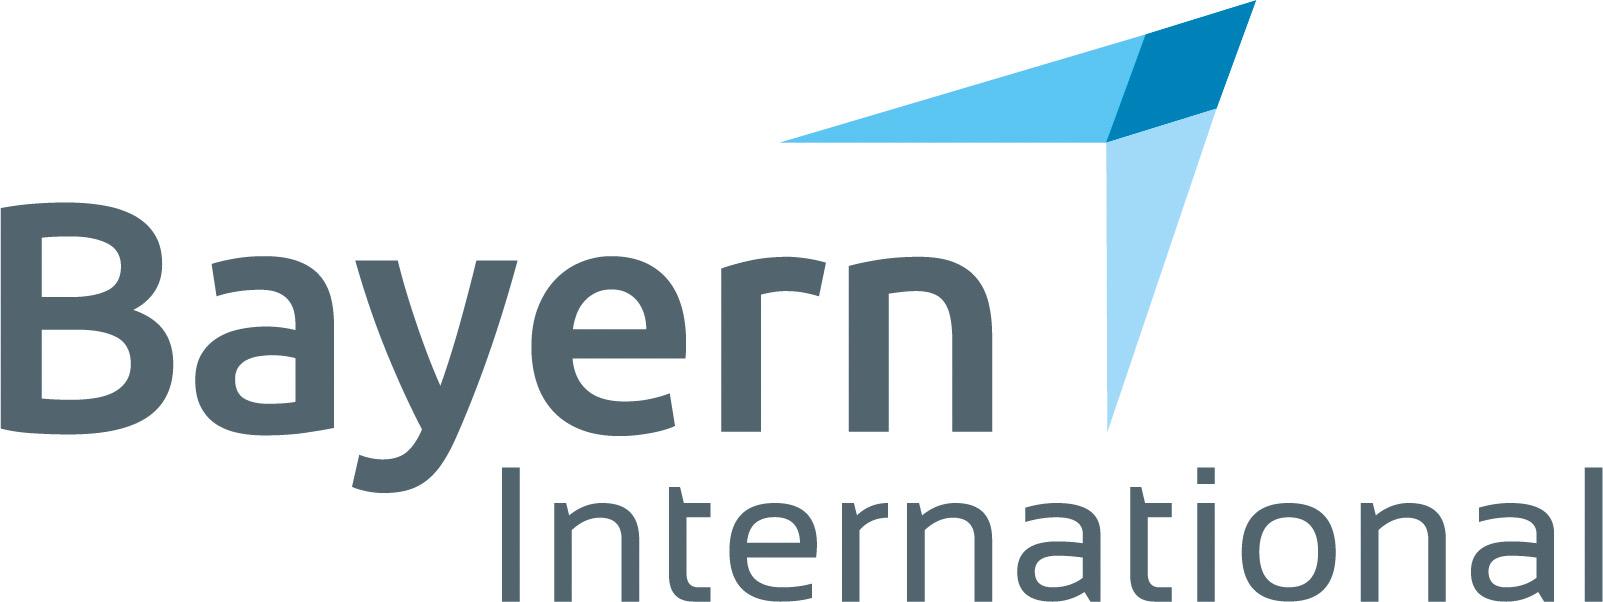 Bayern International | Kompetenz für Auslandsmärkte